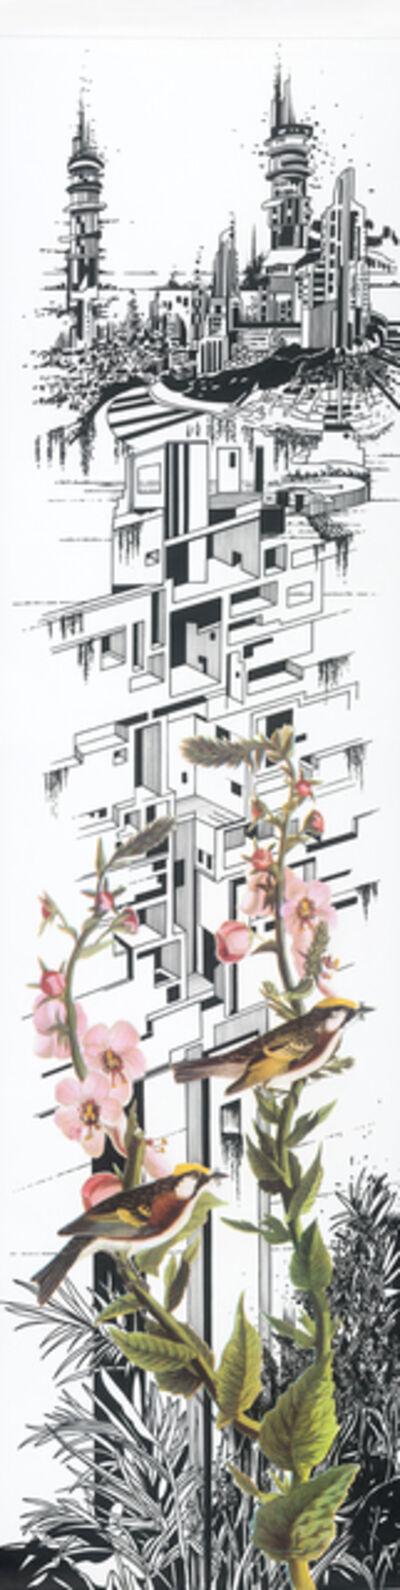 Chourouk Hriech, 'La voce della bella #1', 2020